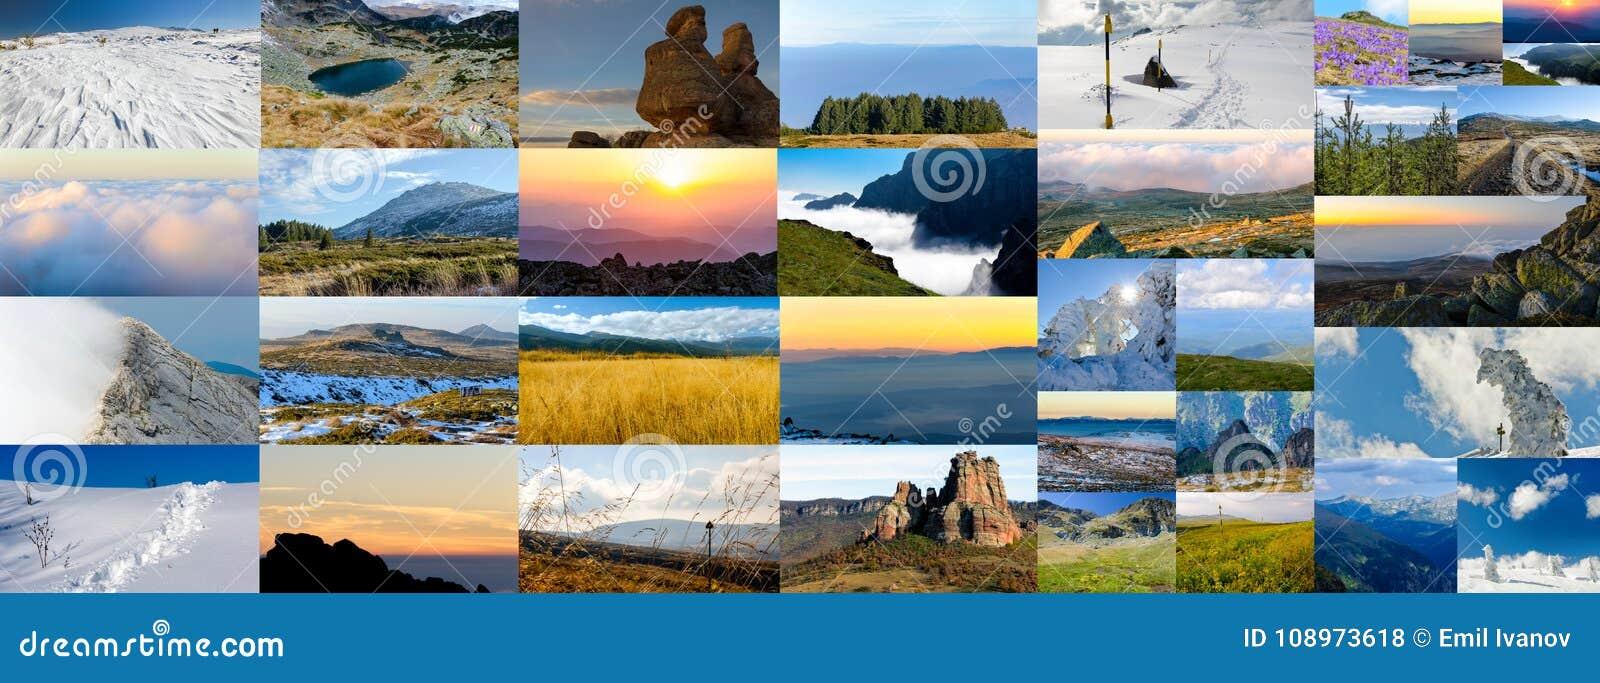 Collage av naturfoto, olika säsonger